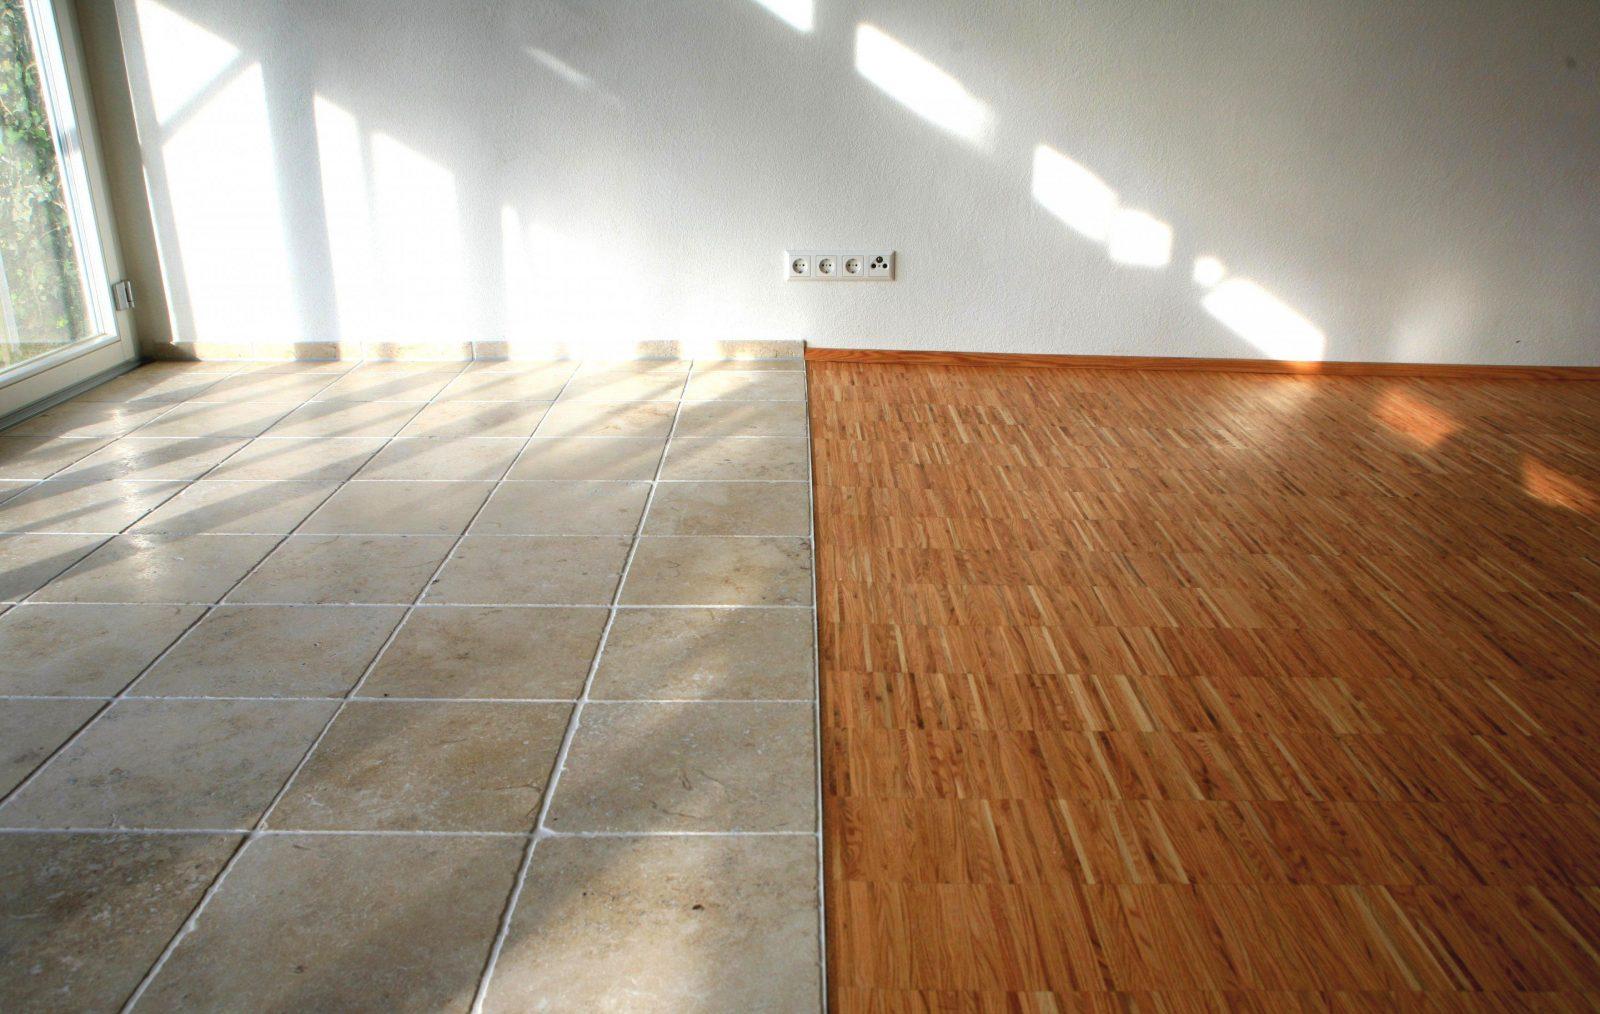 Kann Man Vinylboden Auf Fliesen Mit Fußbodenheizung Verlegen Klick von Vinyl Auf Fliesen Mit Fußbodenheizung Verlegen Photo